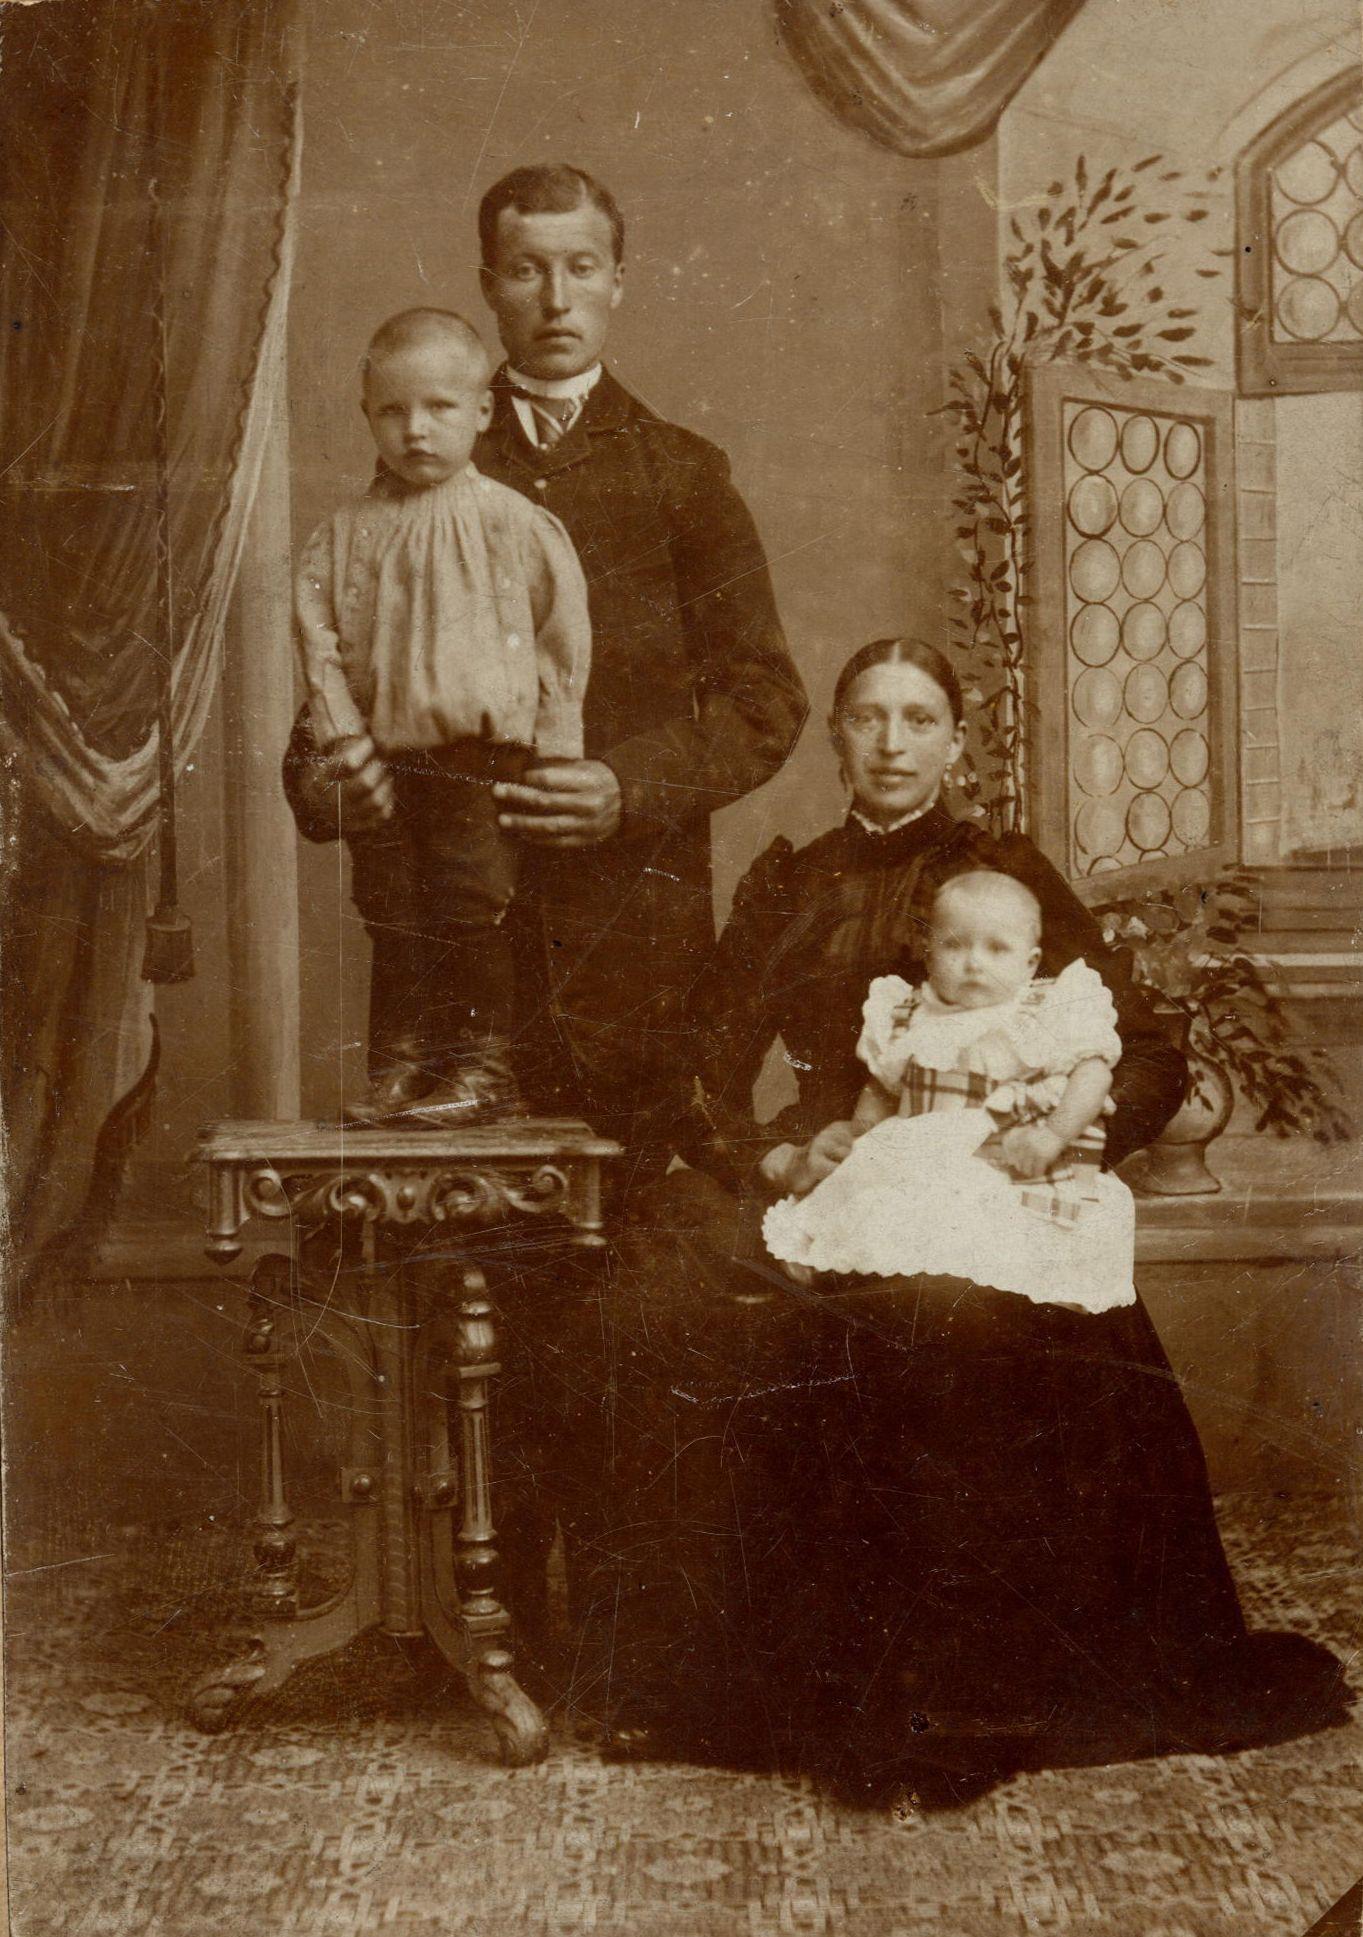 ernardus Gaasbeek (1893-1966), Hendrik Gaasbeek (1866-1943), Gerarda Geertruida Kool (1864-1938), Wilhelmina Gaasbeek (1895-1988)